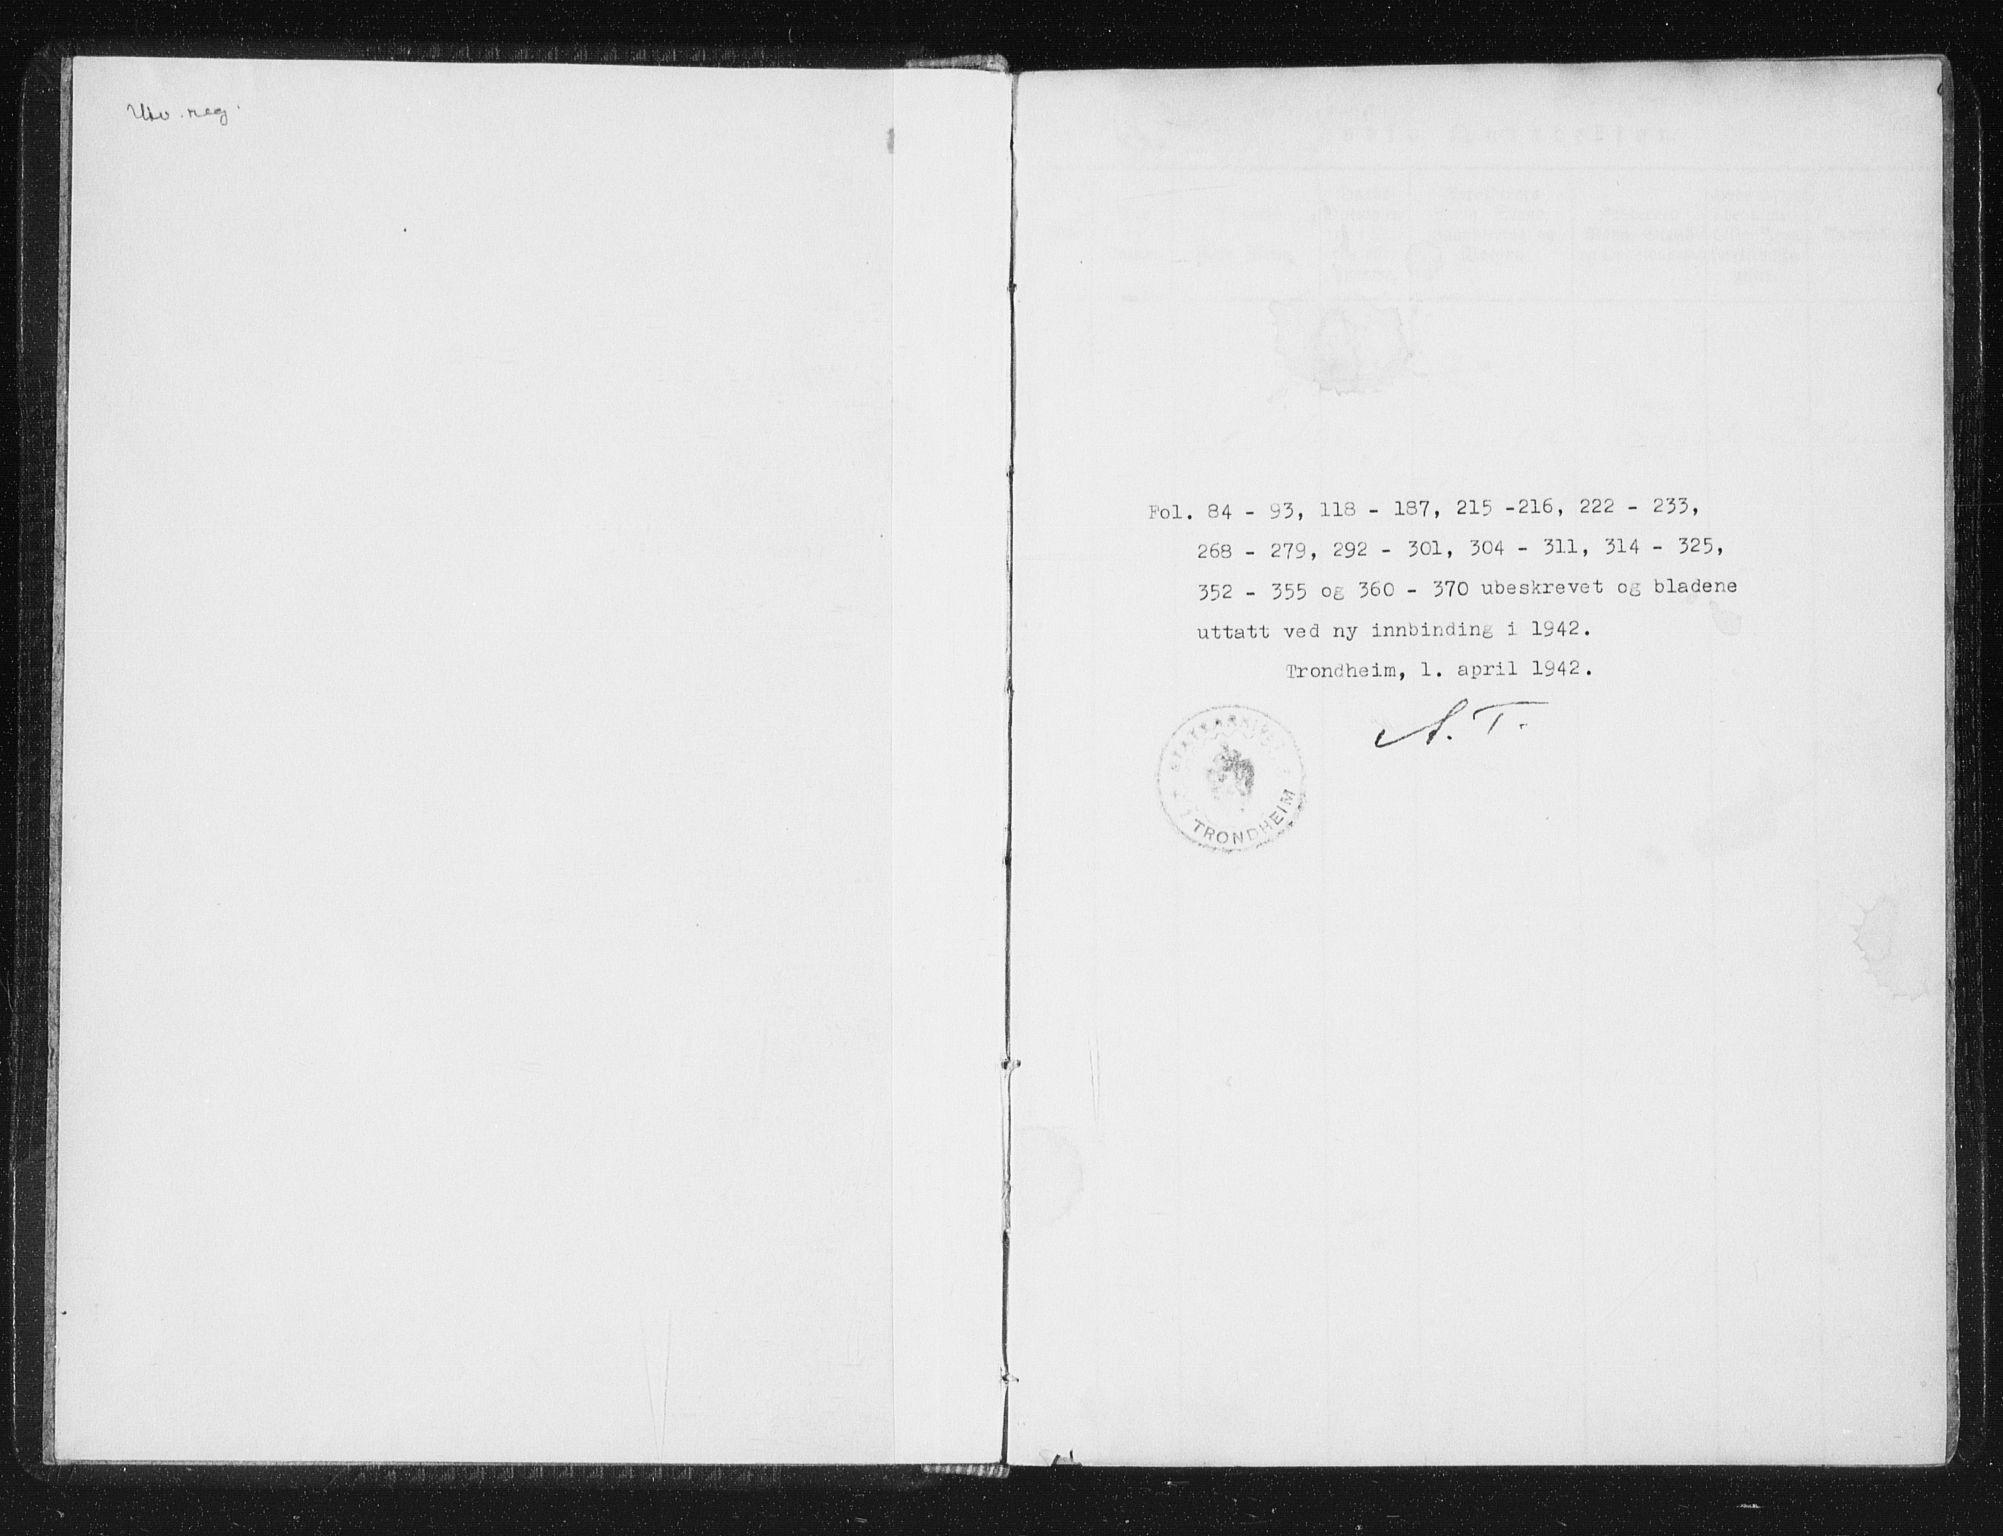 SAT, Ministerialprotokoller, klokkerbøker og fødselsregistre - Sør-Trøndelag, 689/L1037: Ministerialbok nr. 689A02, 1816-1842